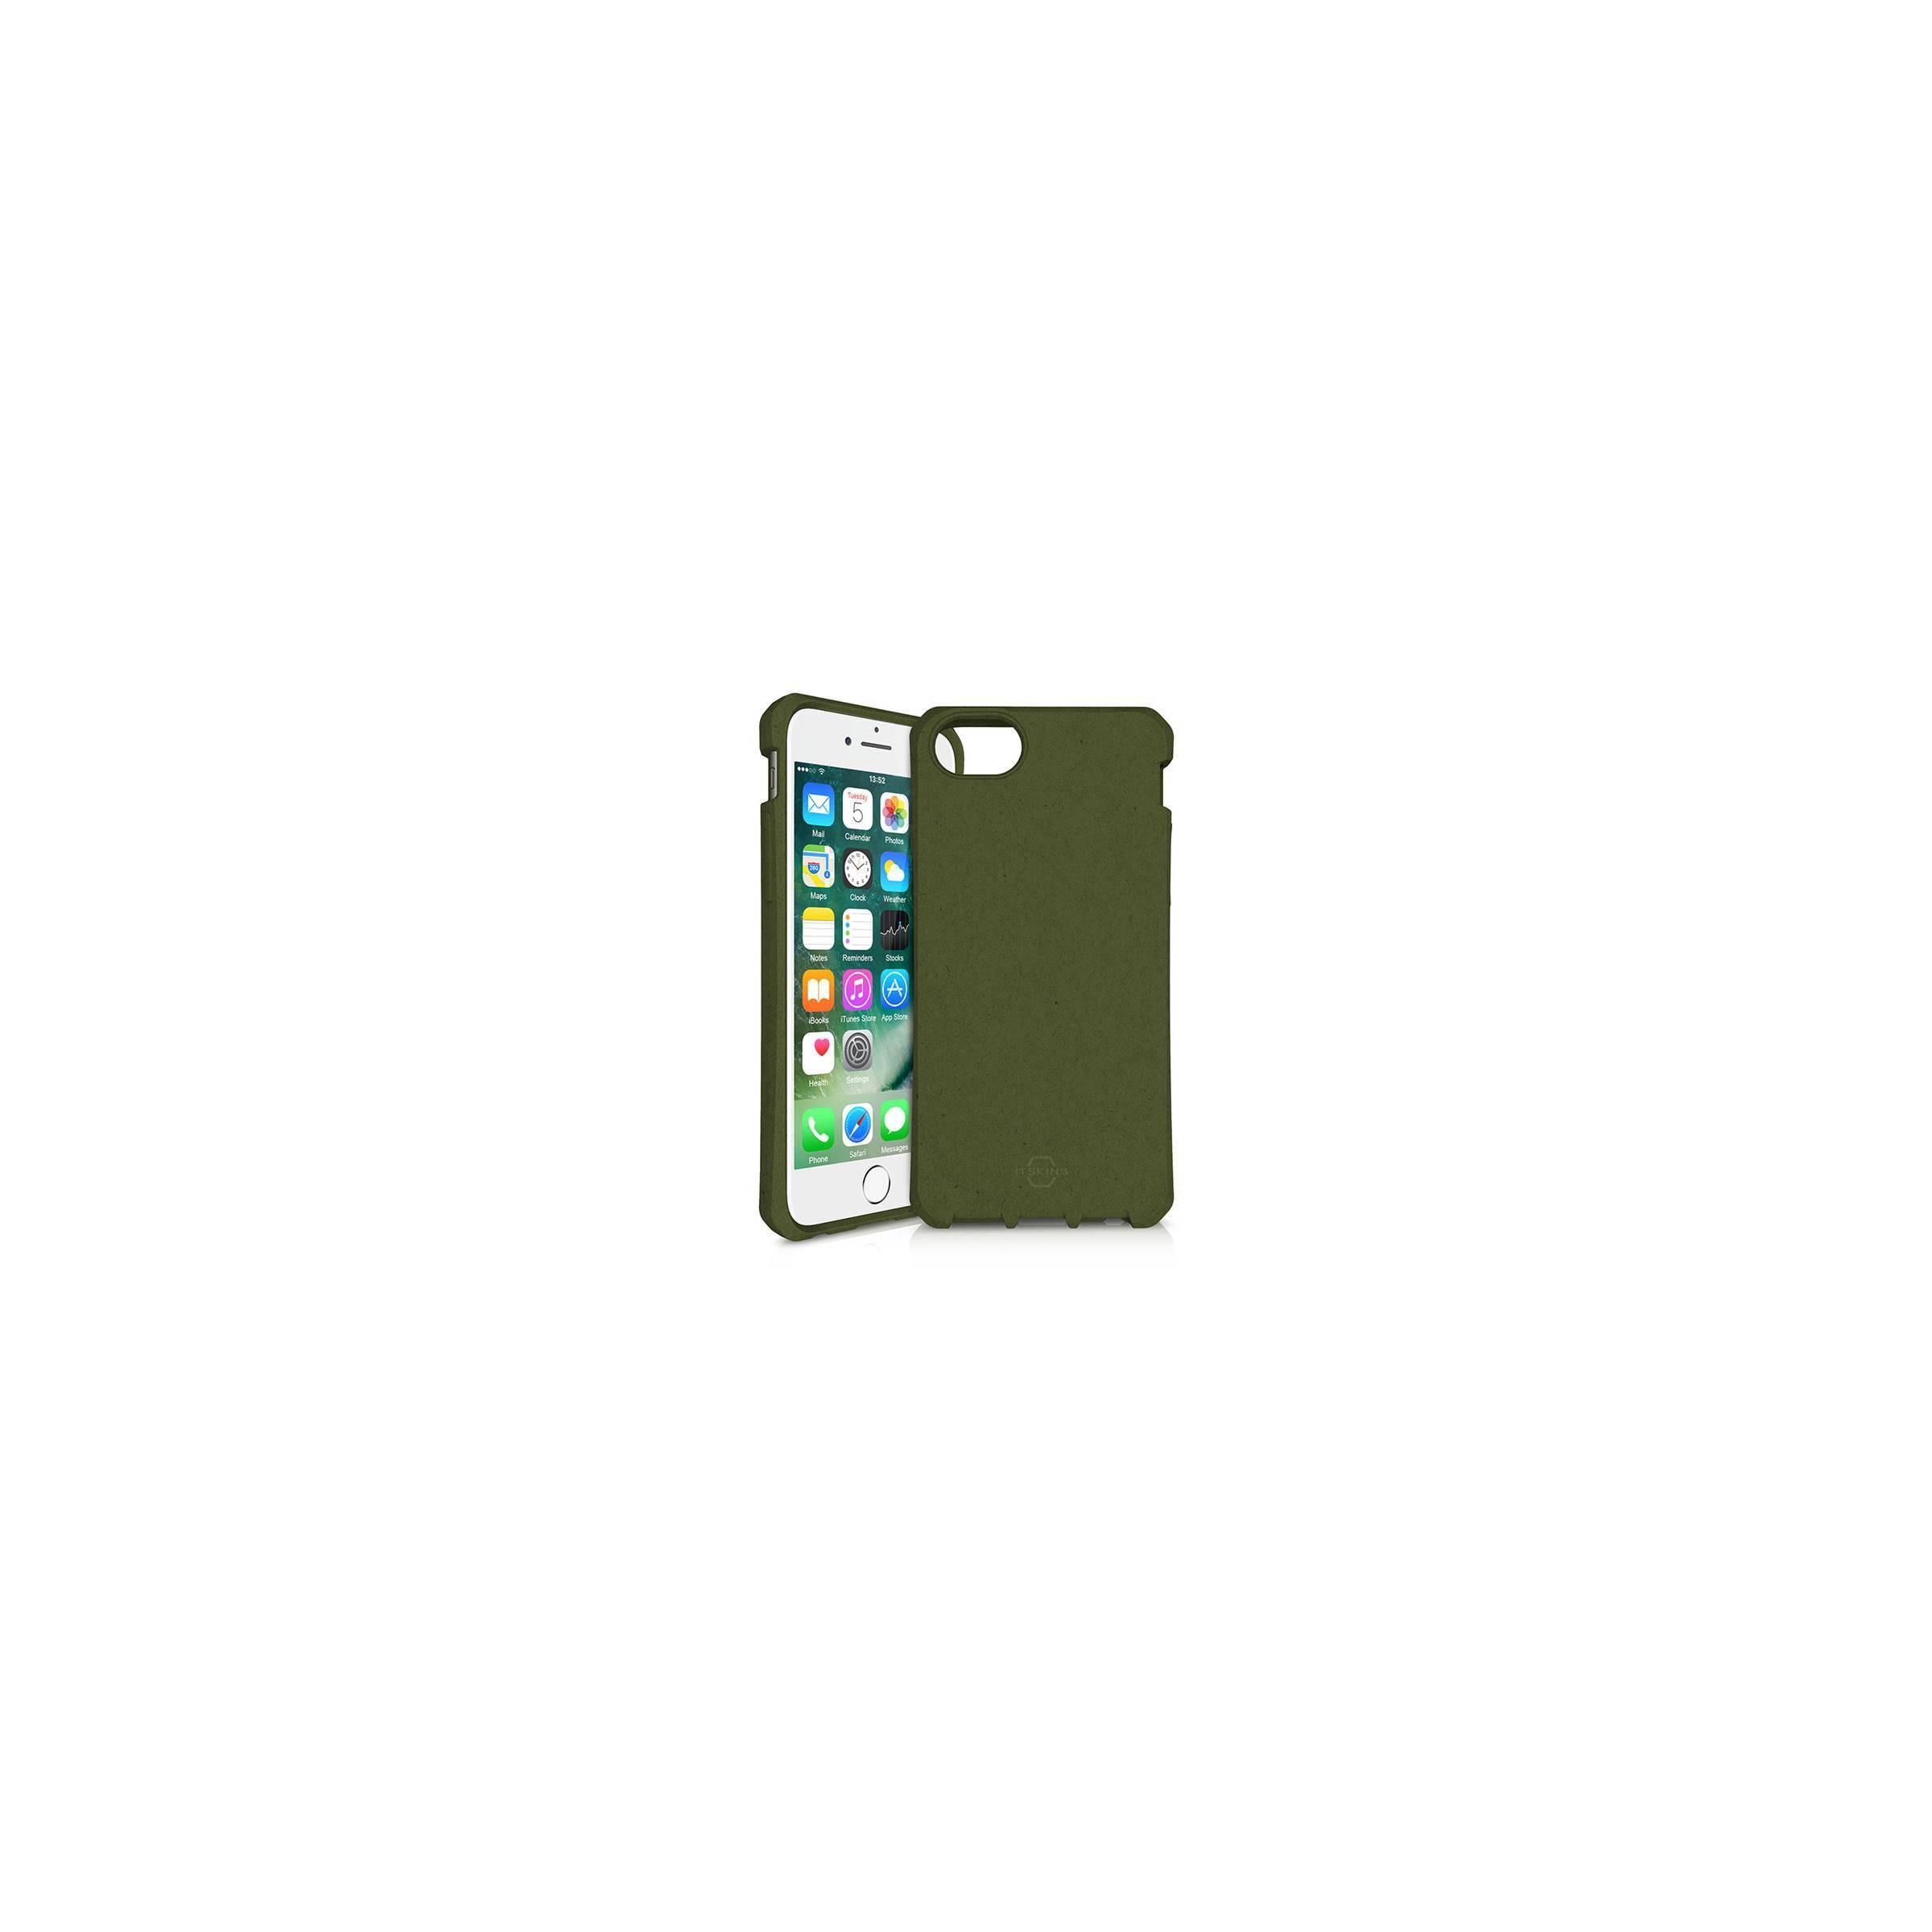 itskins – Feroniabio bionedbrydeligt iphone 6/6s/7/8 cover grøn fra itskins fra mackabler.dk